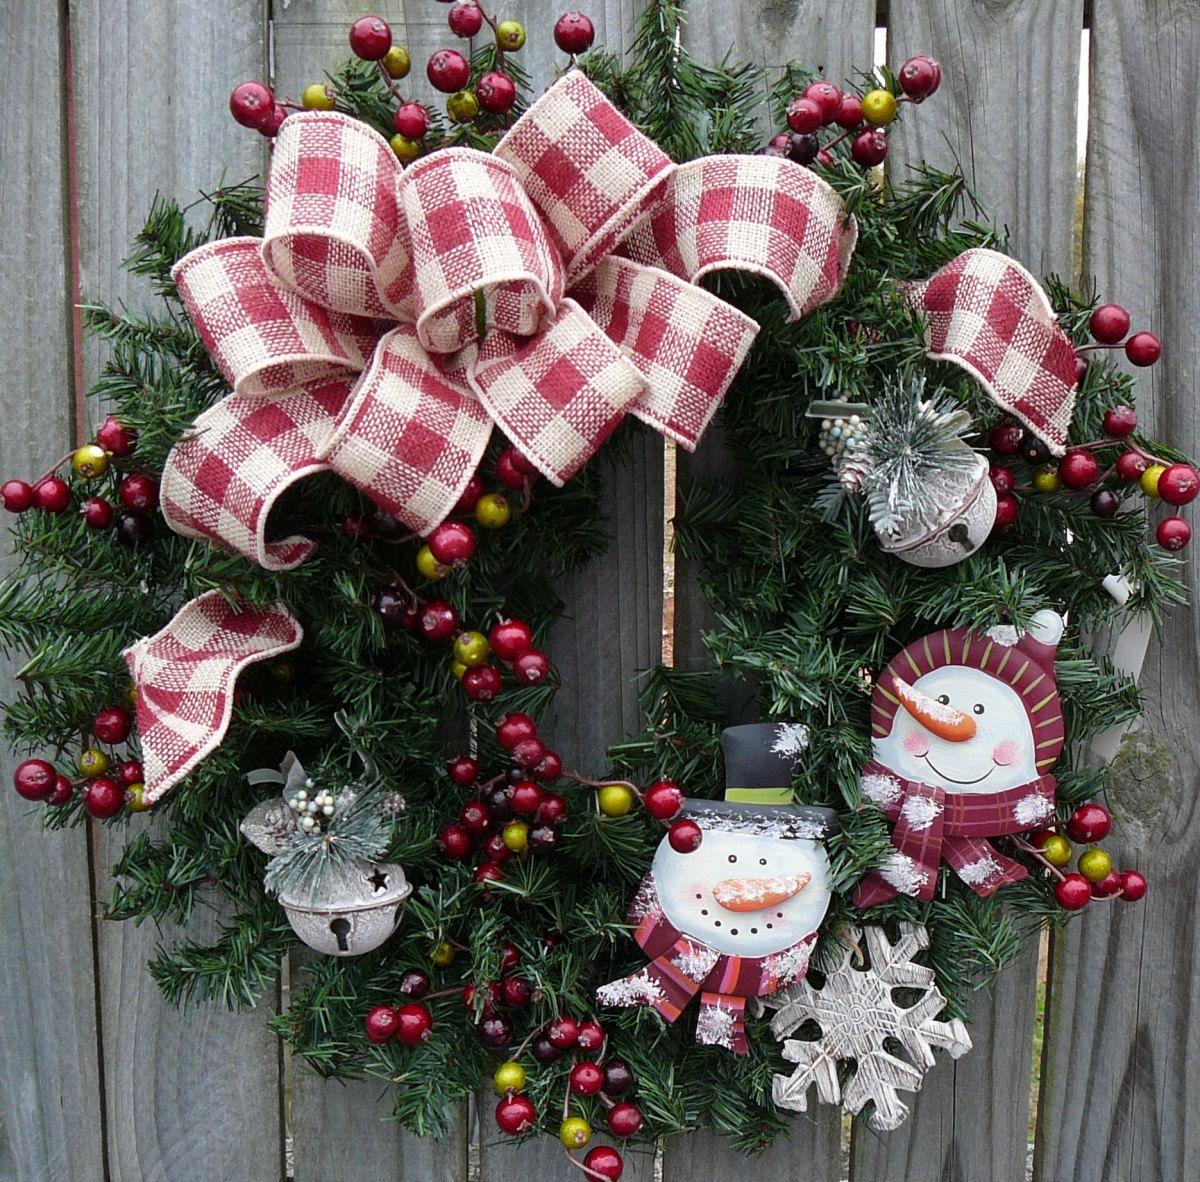 Holiday Wreath Primitive Snowman Wreath Snowman Christmas Wreath With Burlap Bow 73 00 Via Etsy Holiday Wreaths Christmas Wreaths Xmas Wreaths